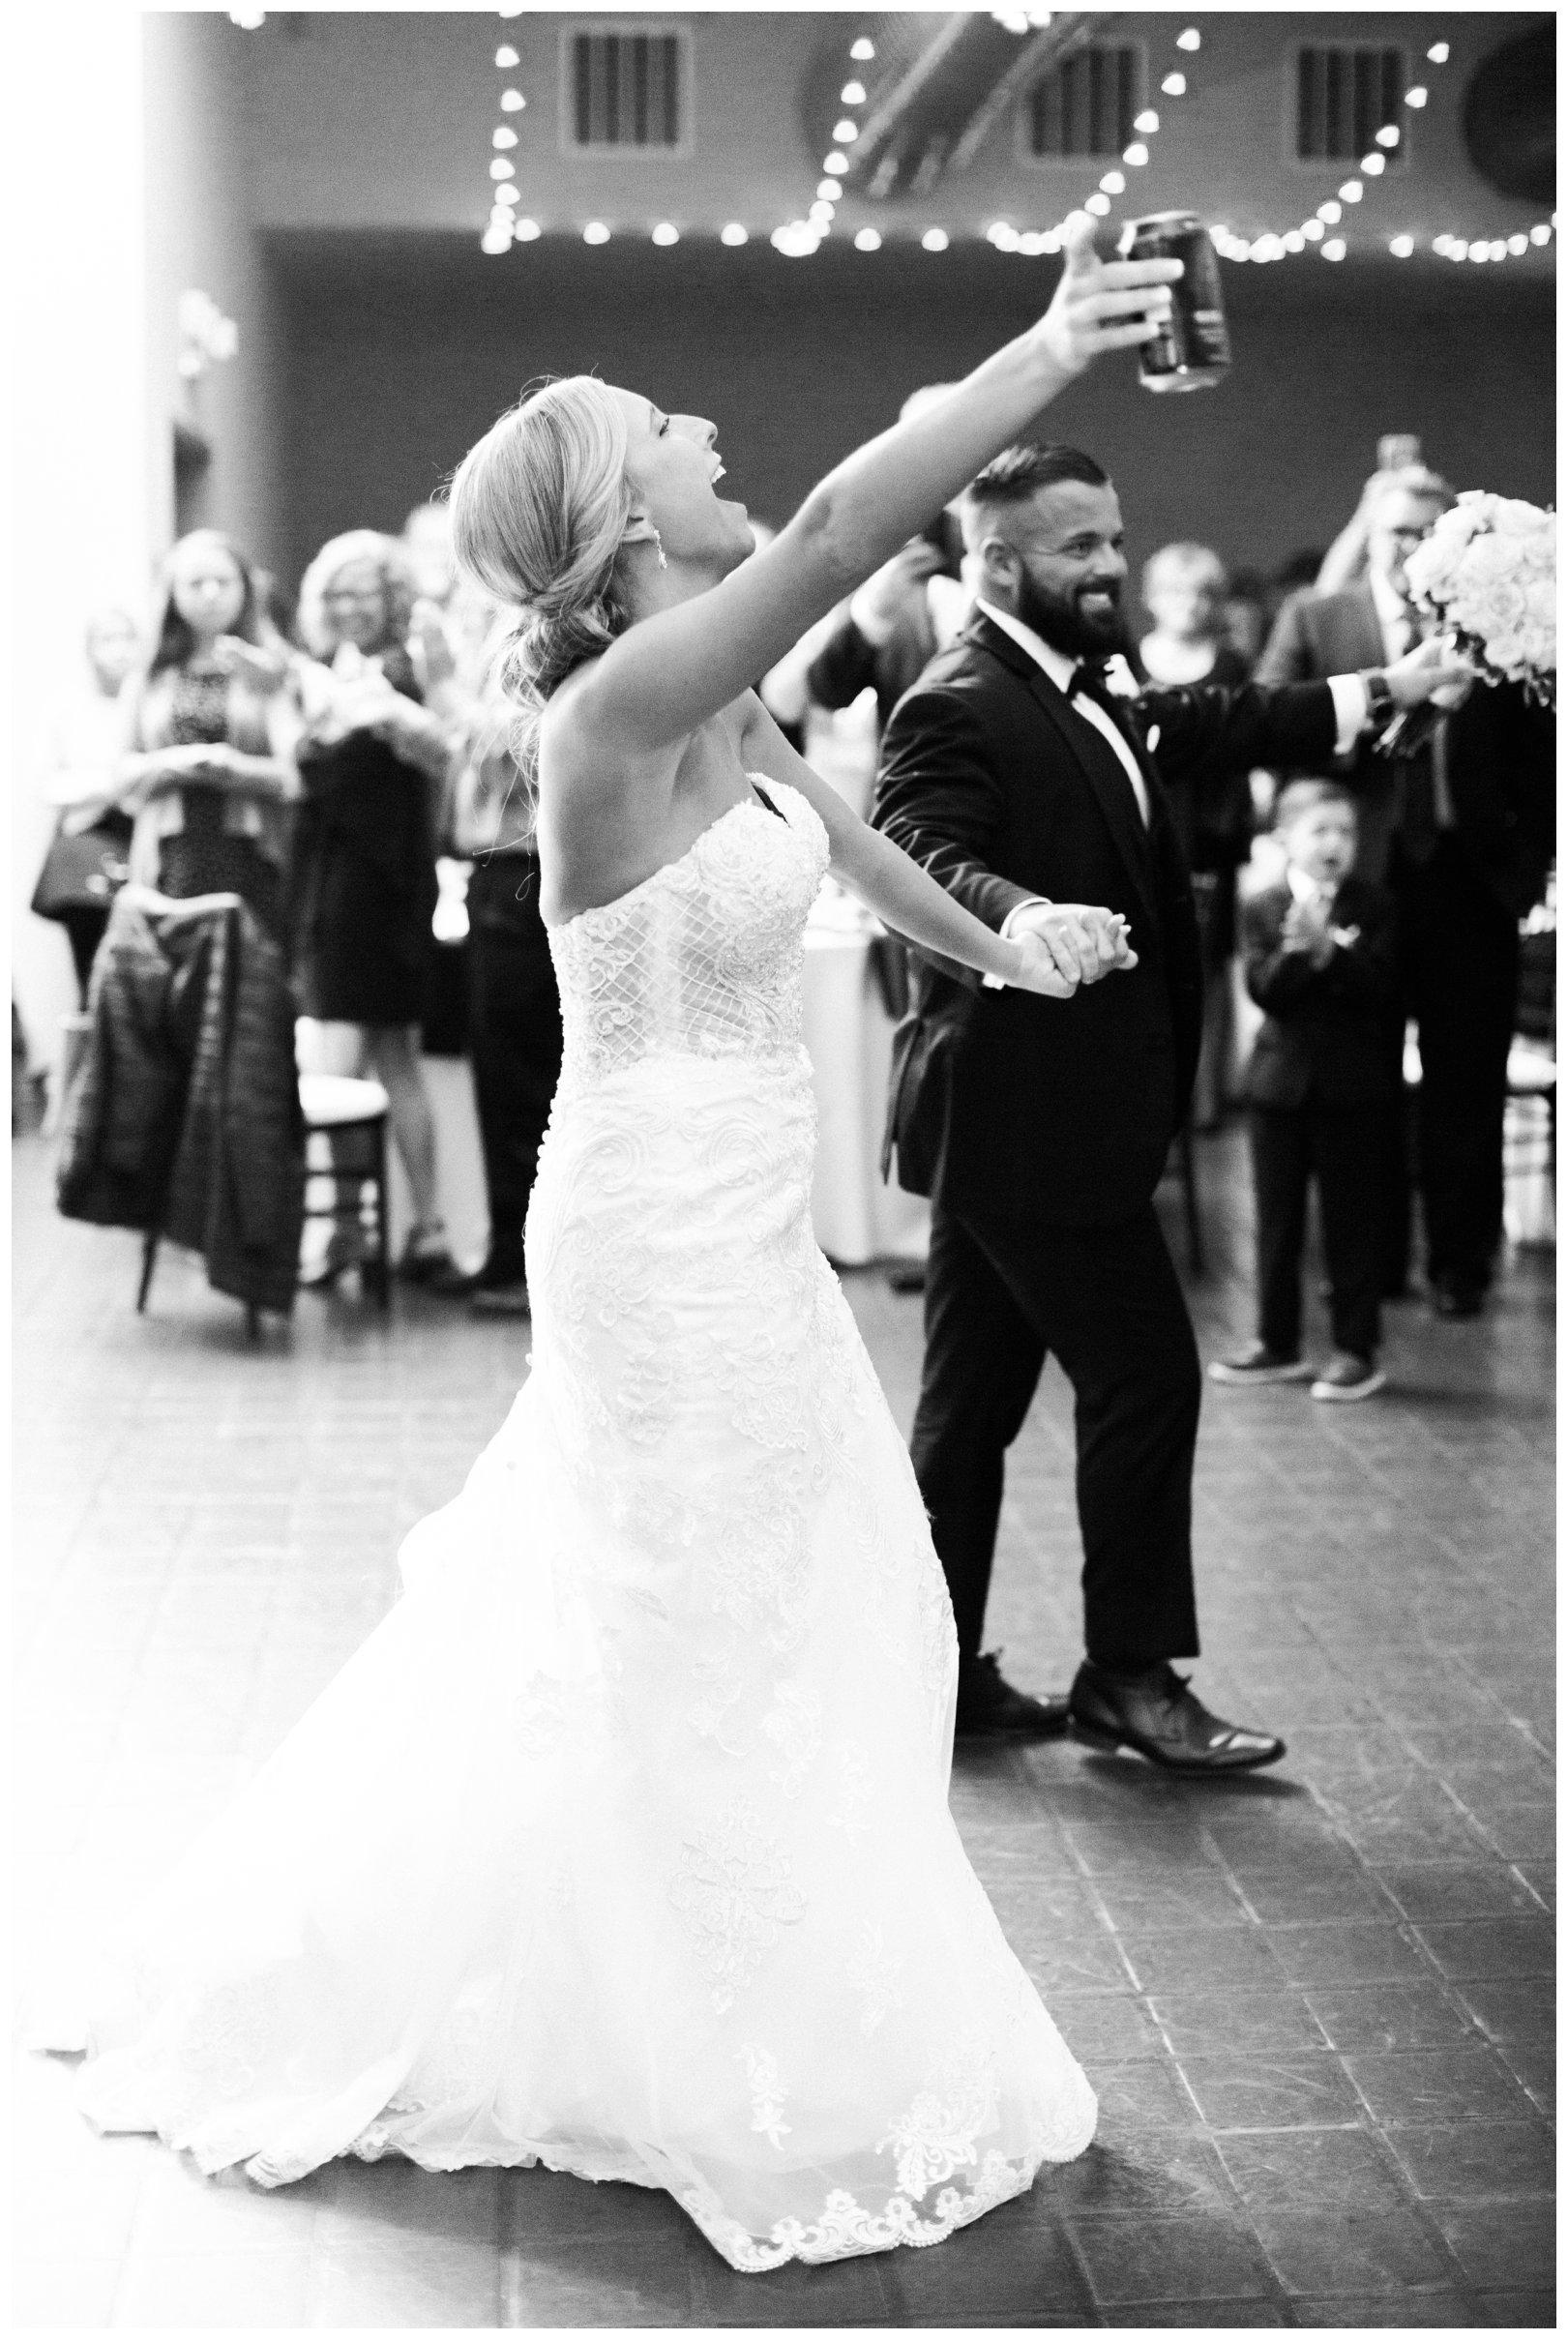 lauren muckler photography_fine art film wedding photography_st louis_photography_2178.jpg